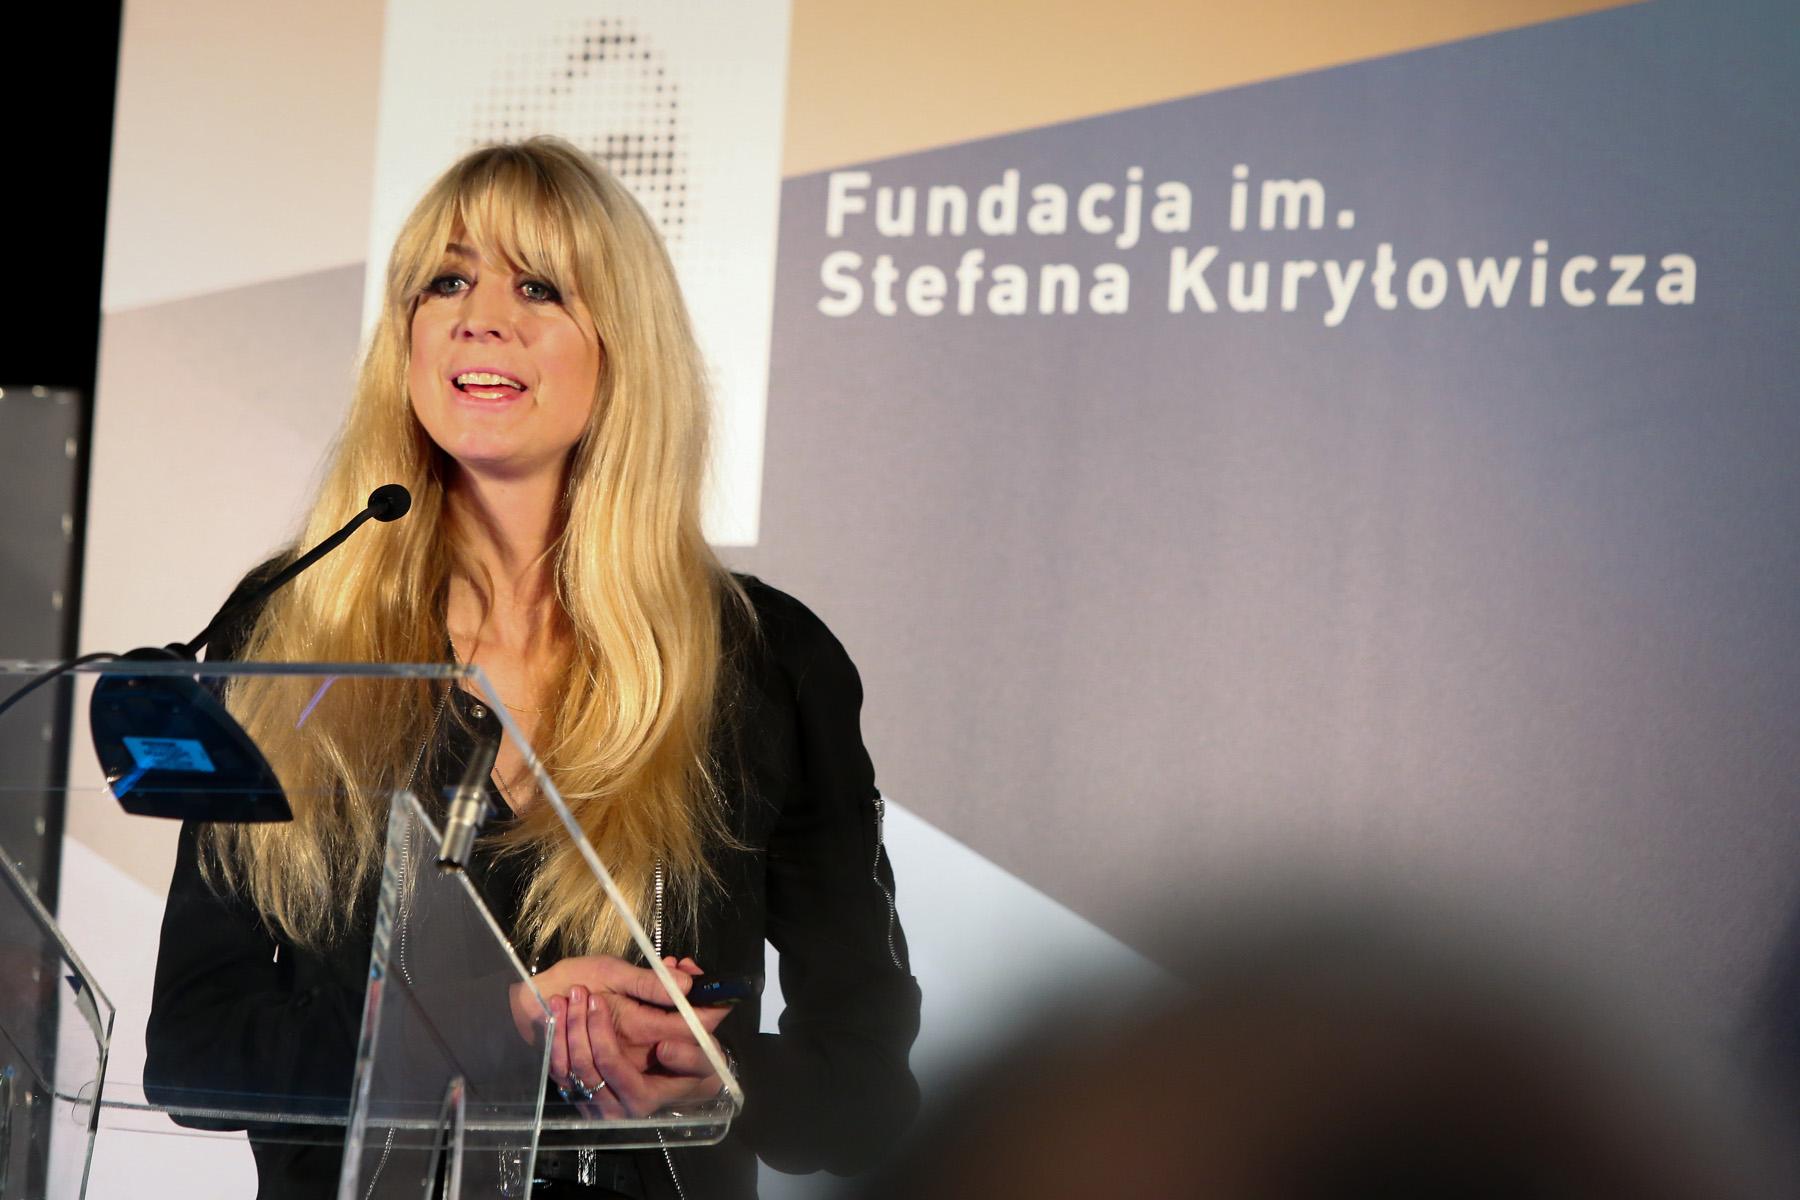 WYKŁADEM JETTE HOPP Z PRACOWNI SNØHETTA  ZAKOŃCZONO KONKURS TEORIA I STYPENDIUM PRAKTYKA 2016